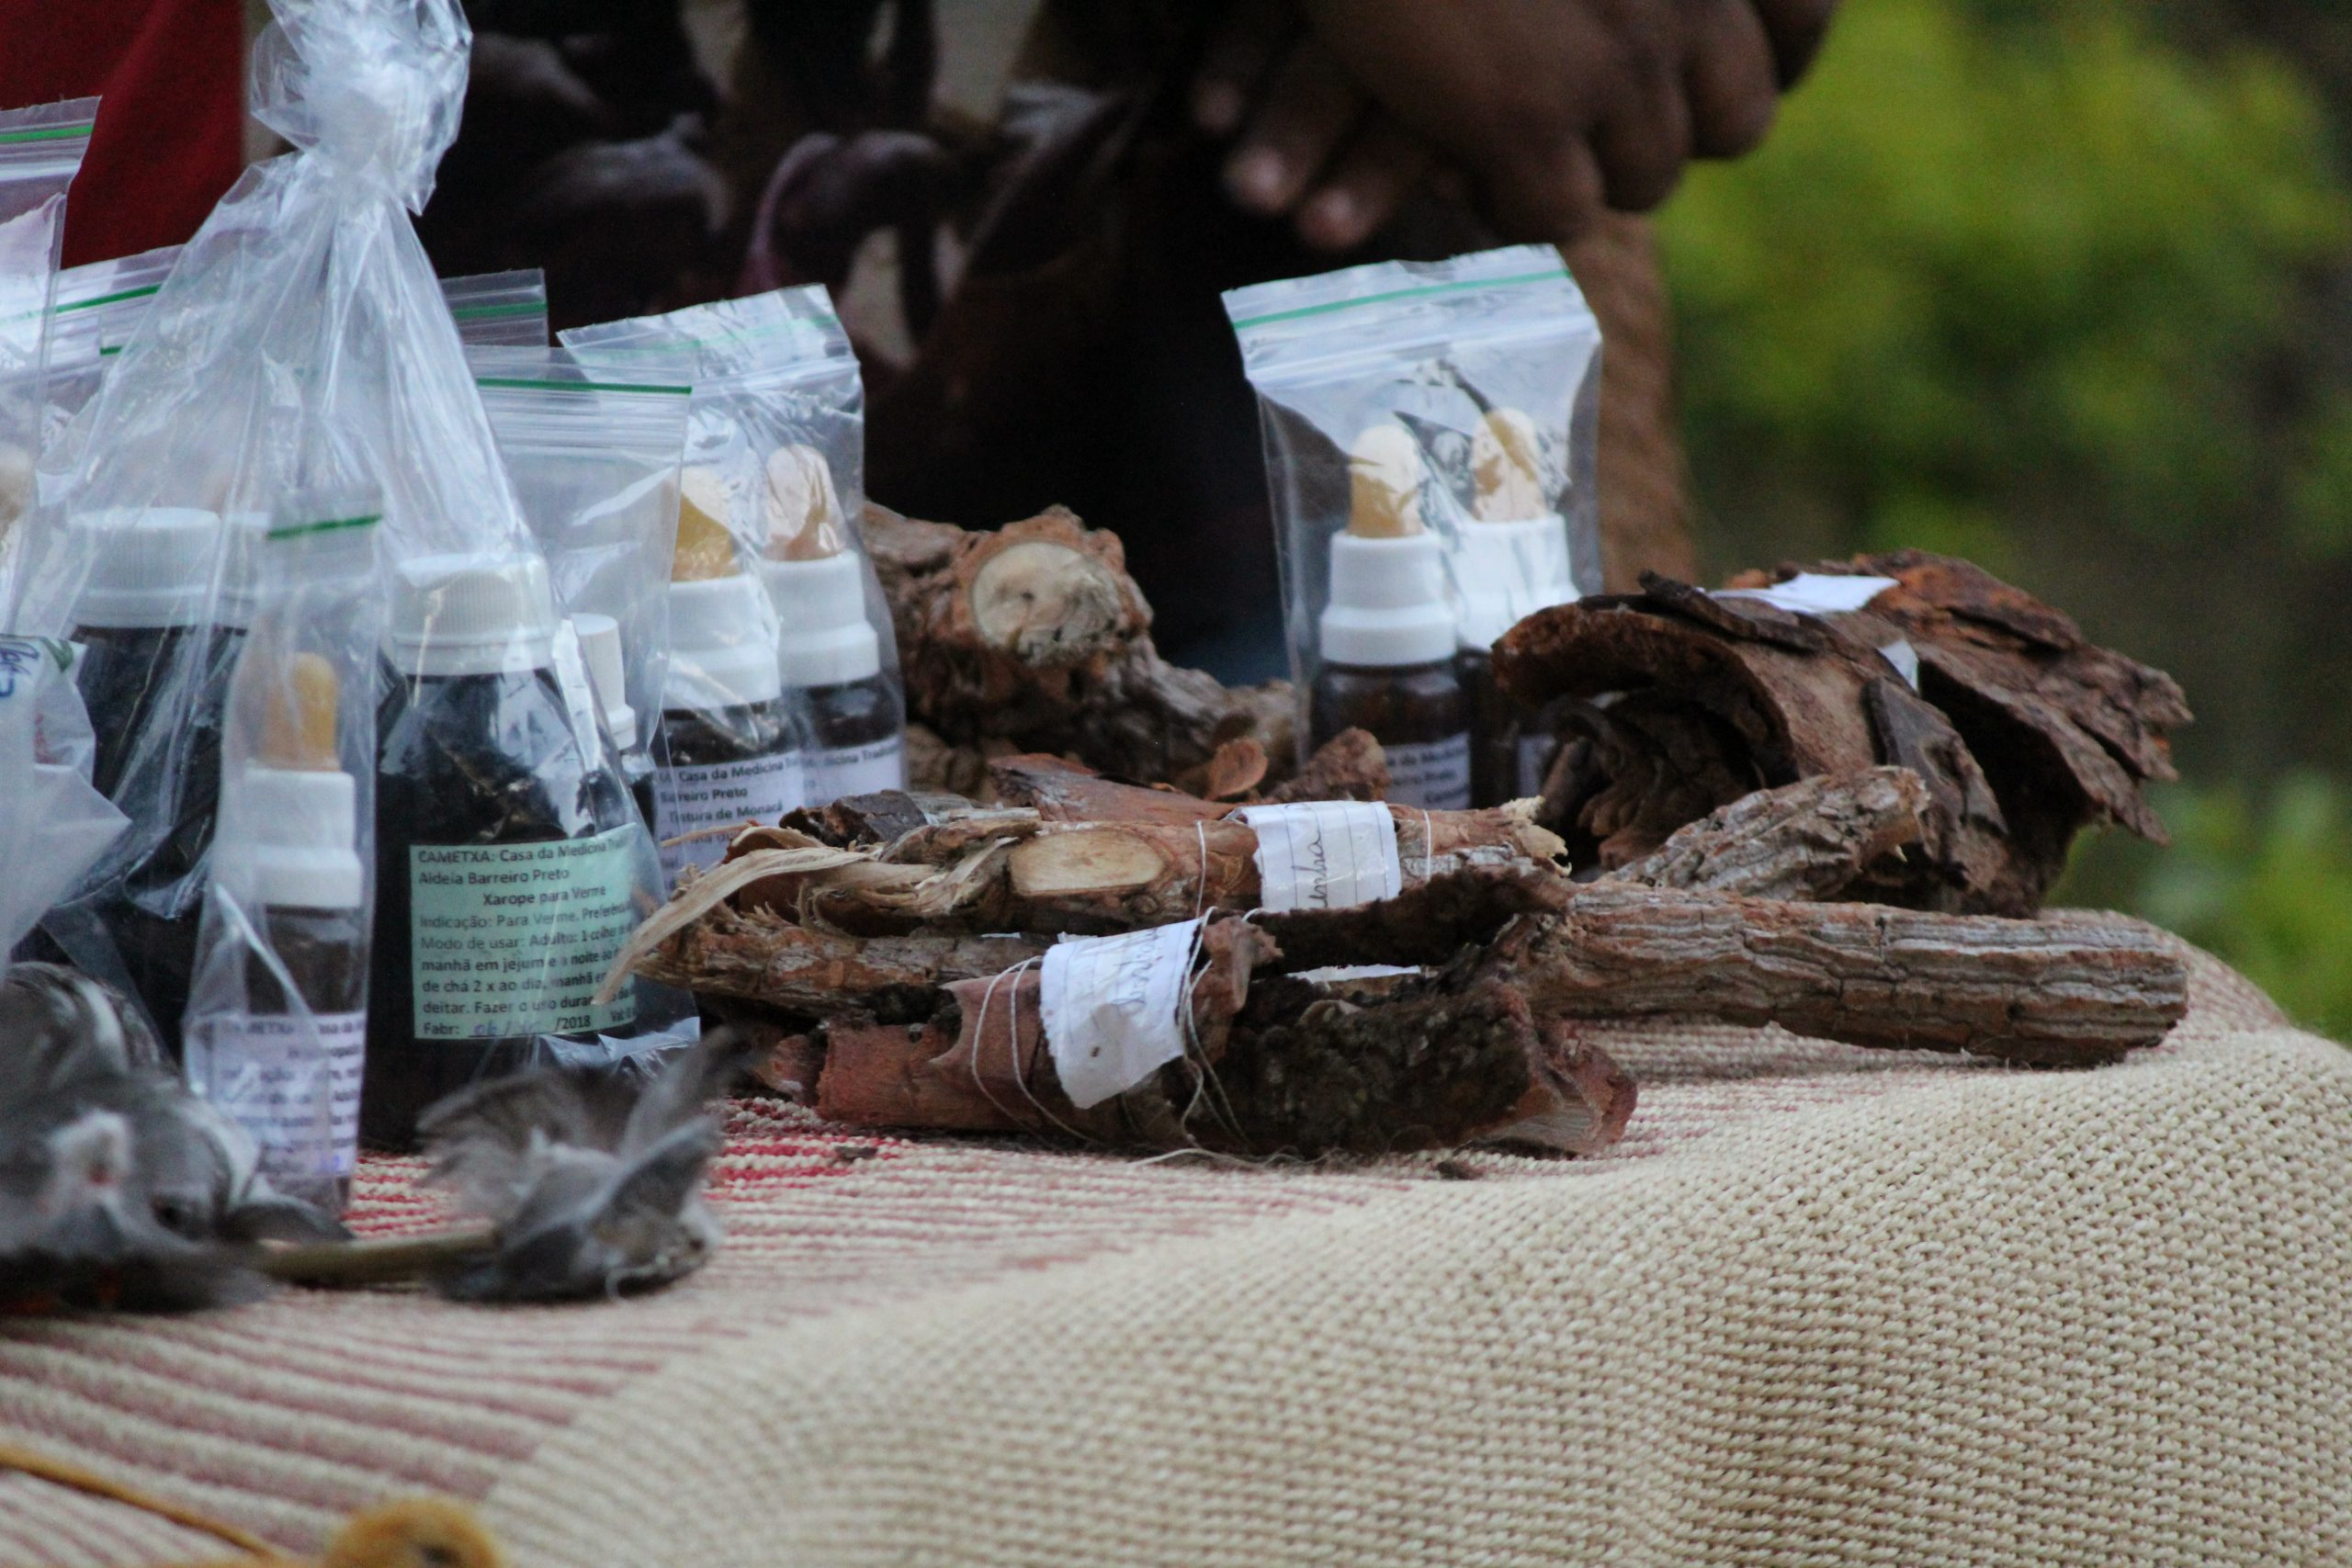 Raízes do Cerrado e remédios tradicionais. Foto Ludmila Almeida